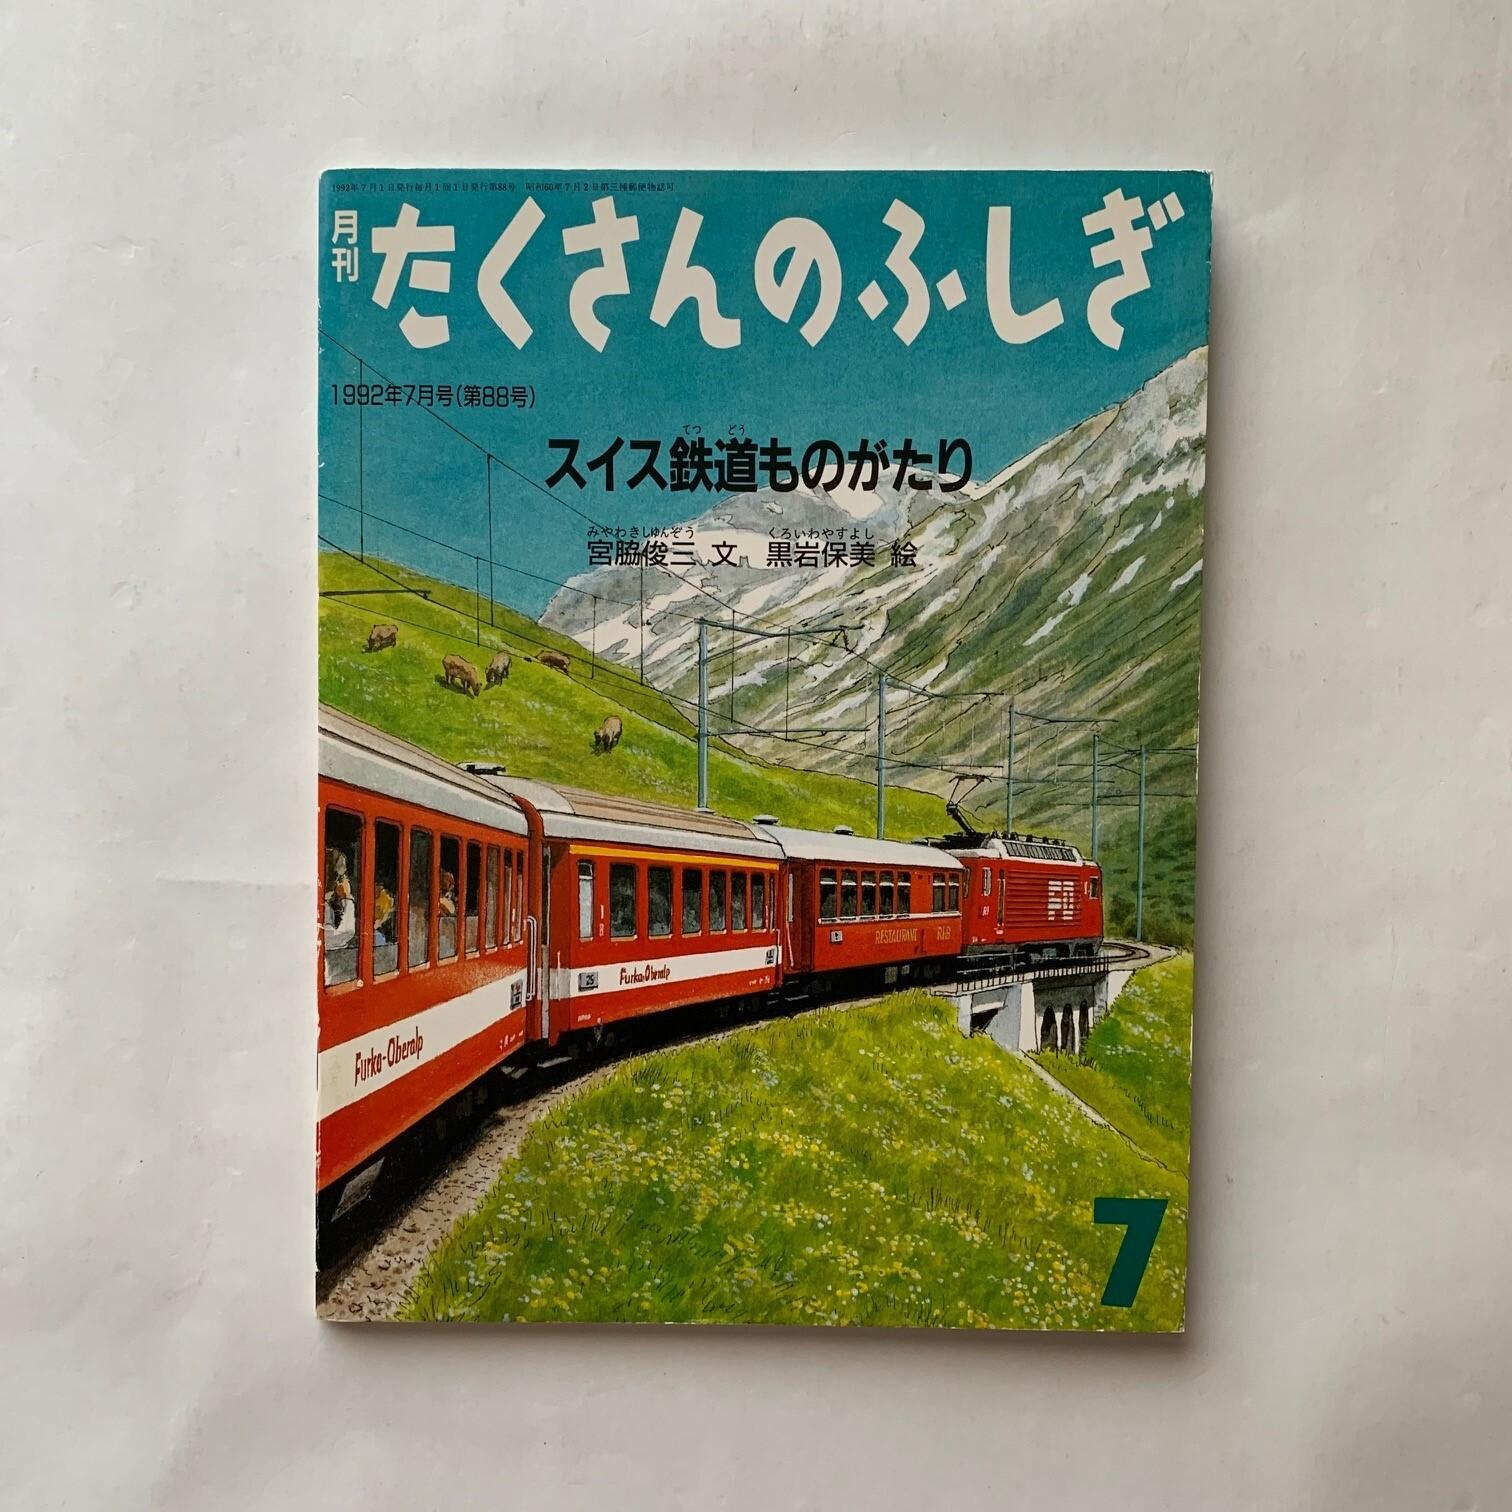 スイス鉄道ものがたり / たくさんのふしぎ88号